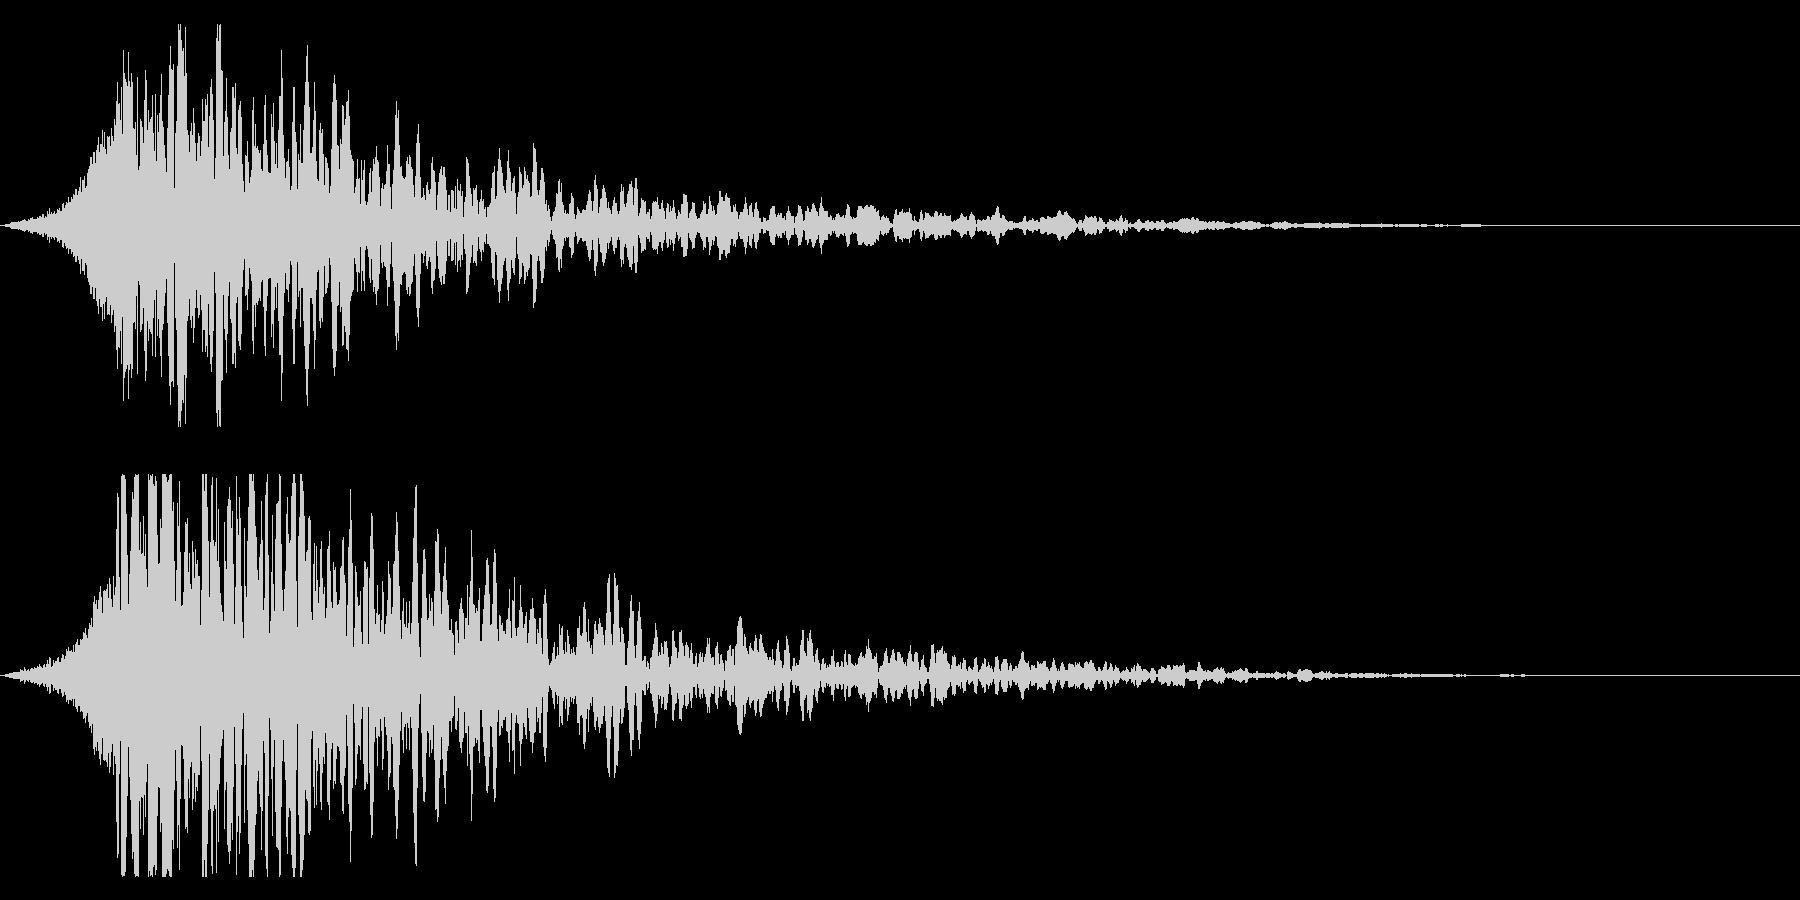 シュードーン-18-3(インパクト音)の未再生の波形